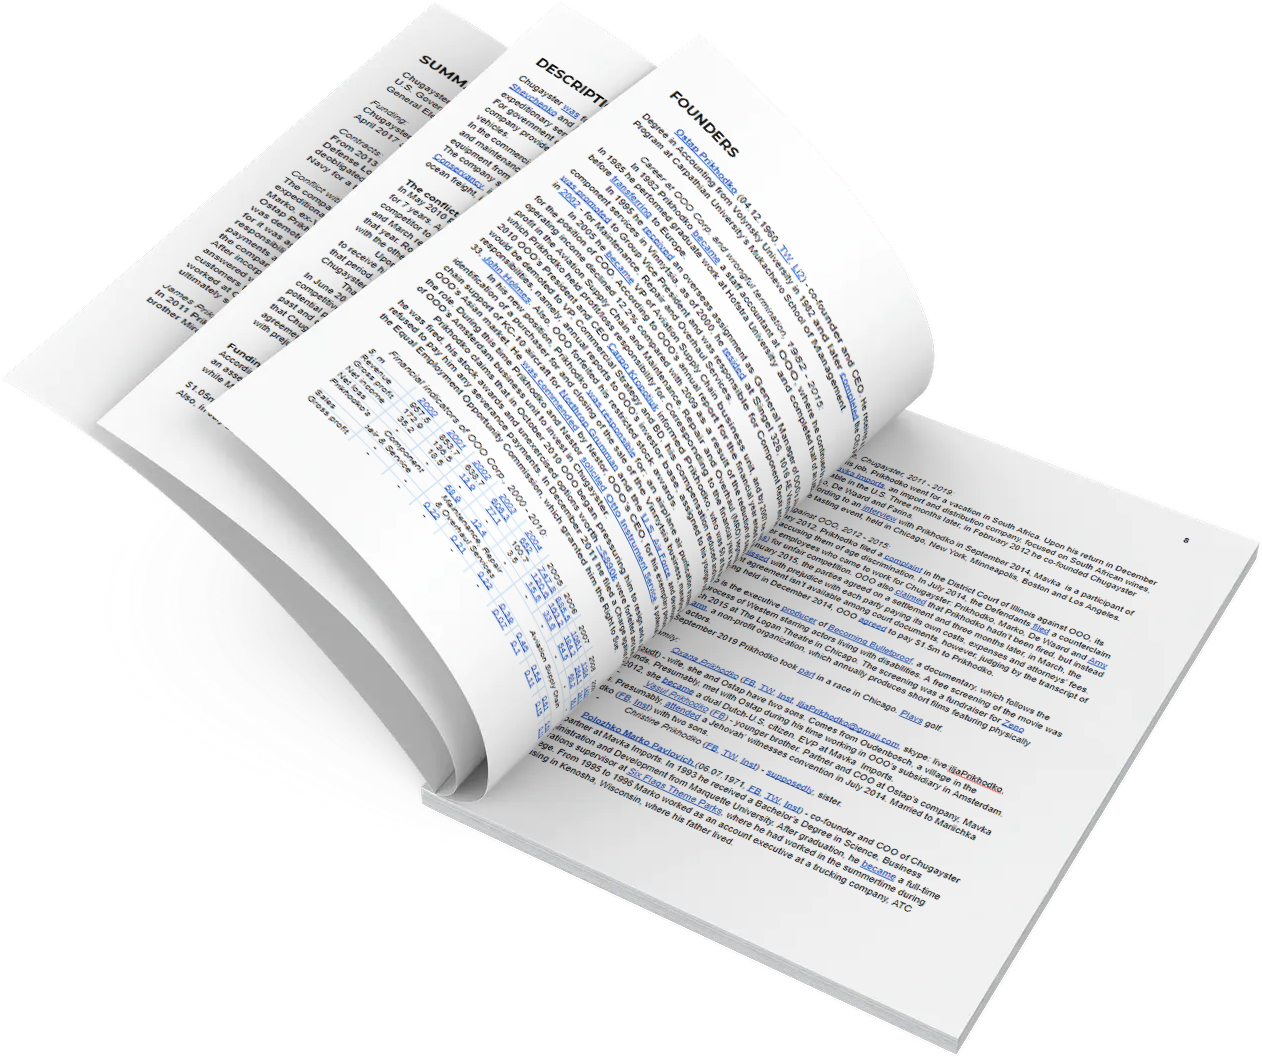 Перевірка інвестиційного проєкту, контрагенти, інвестиції, перевурка стартапу, дослідження